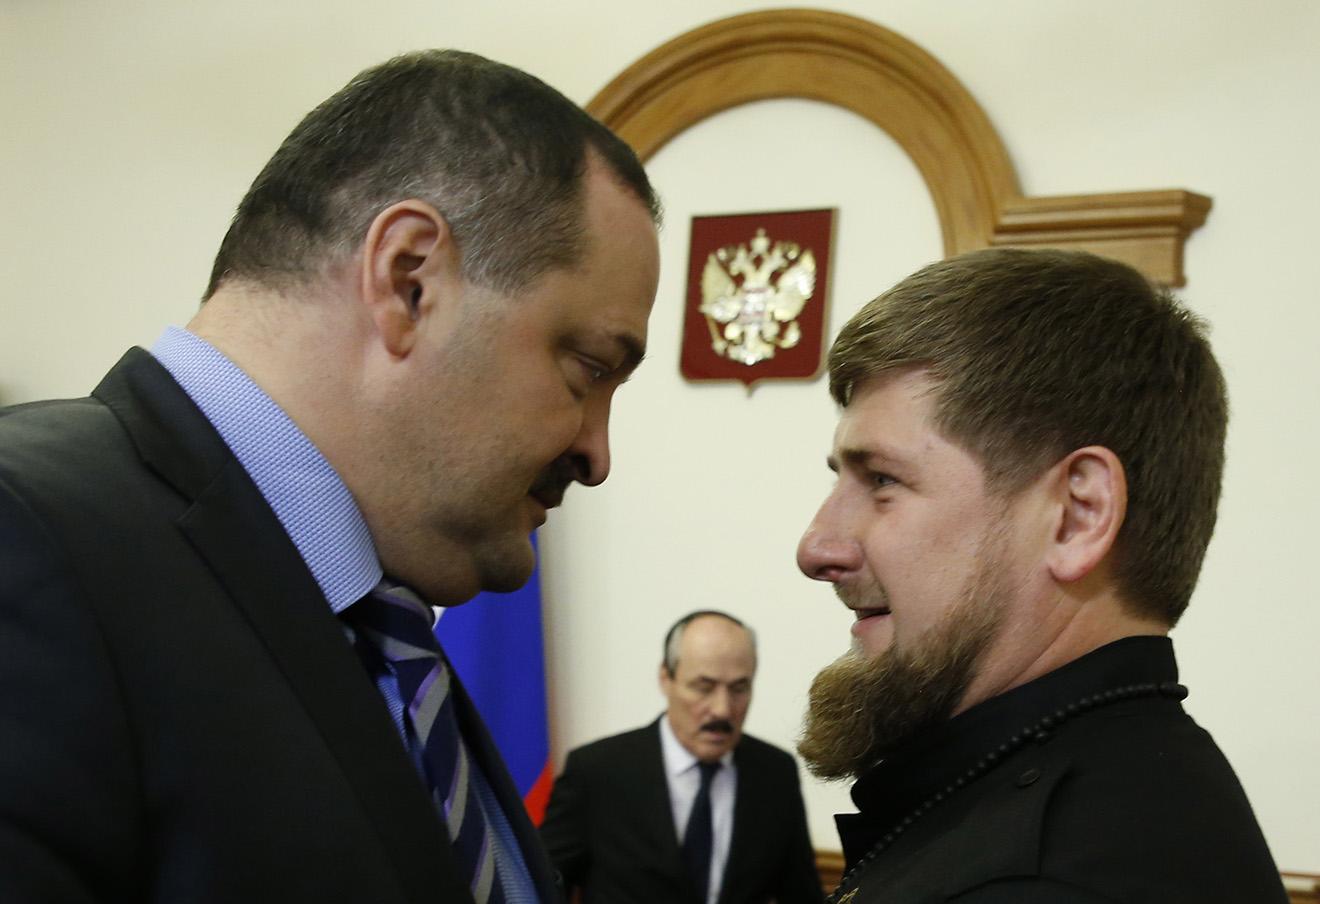 Сергей Меликов и Рамзан Кадыров (слева направо) перед началом заседания Правительственной комиссии по вопросам социально-экономического развития Северо-Кавказского федерального округа.